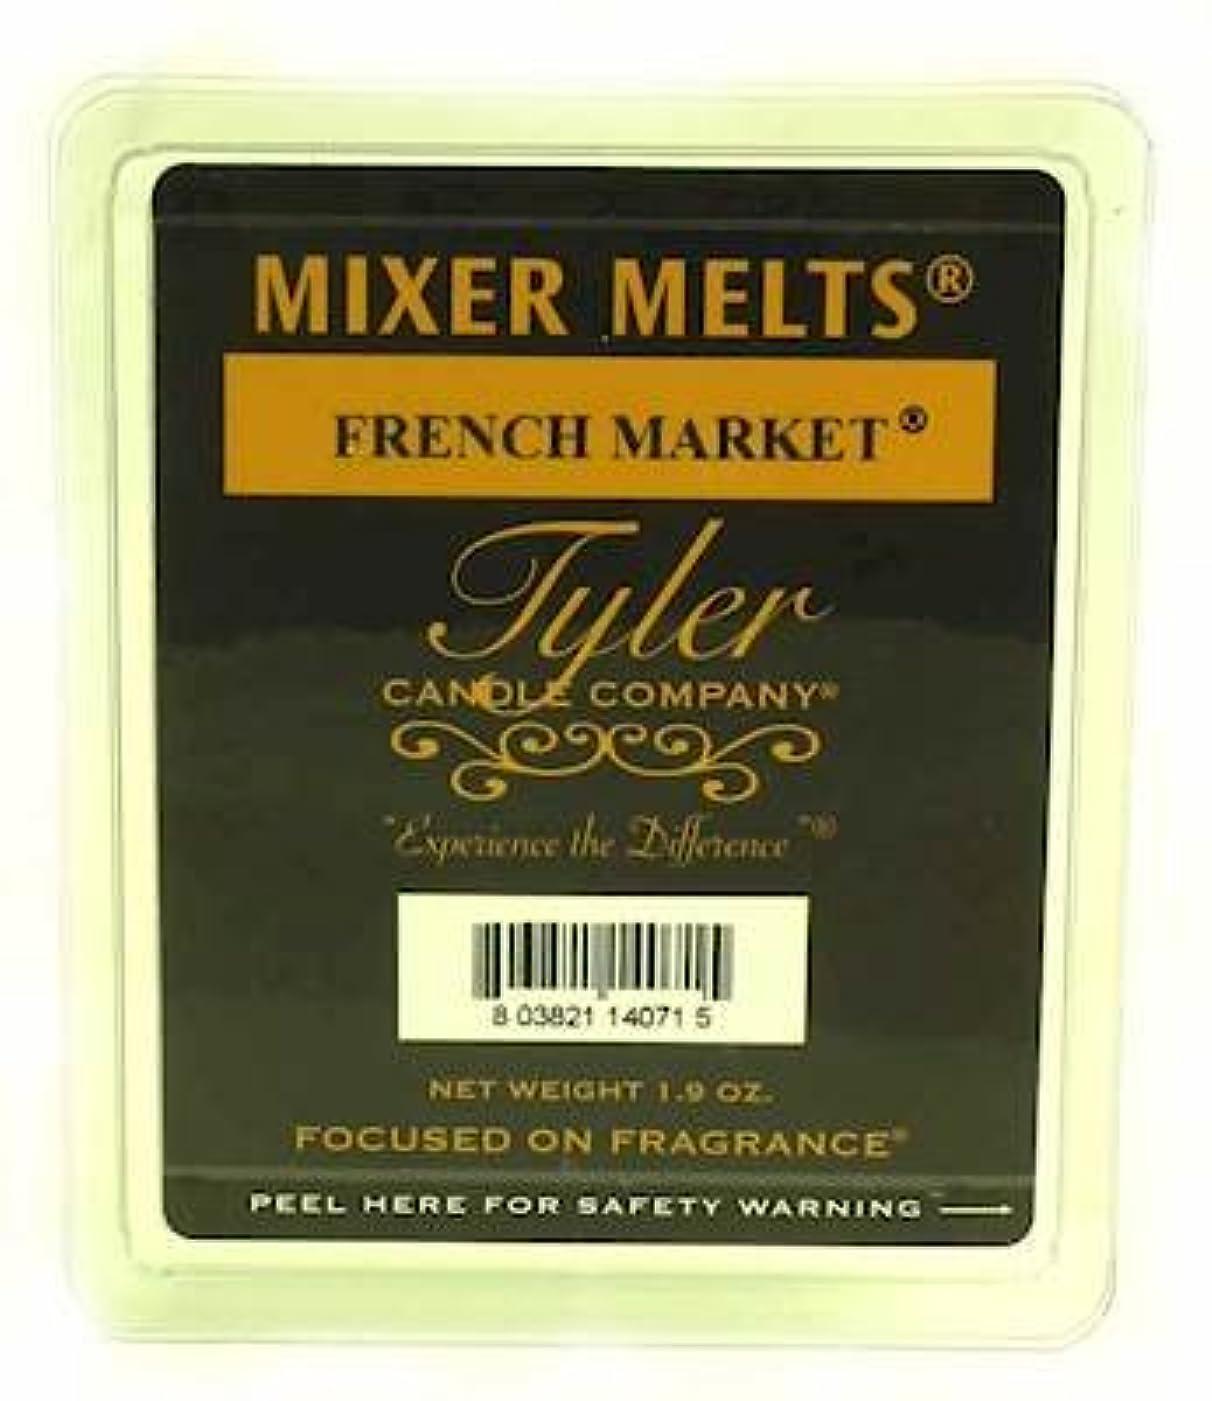 ドアキャッチ歩き回るTyler Candles Mixer Melts - French Market by Tyler Company